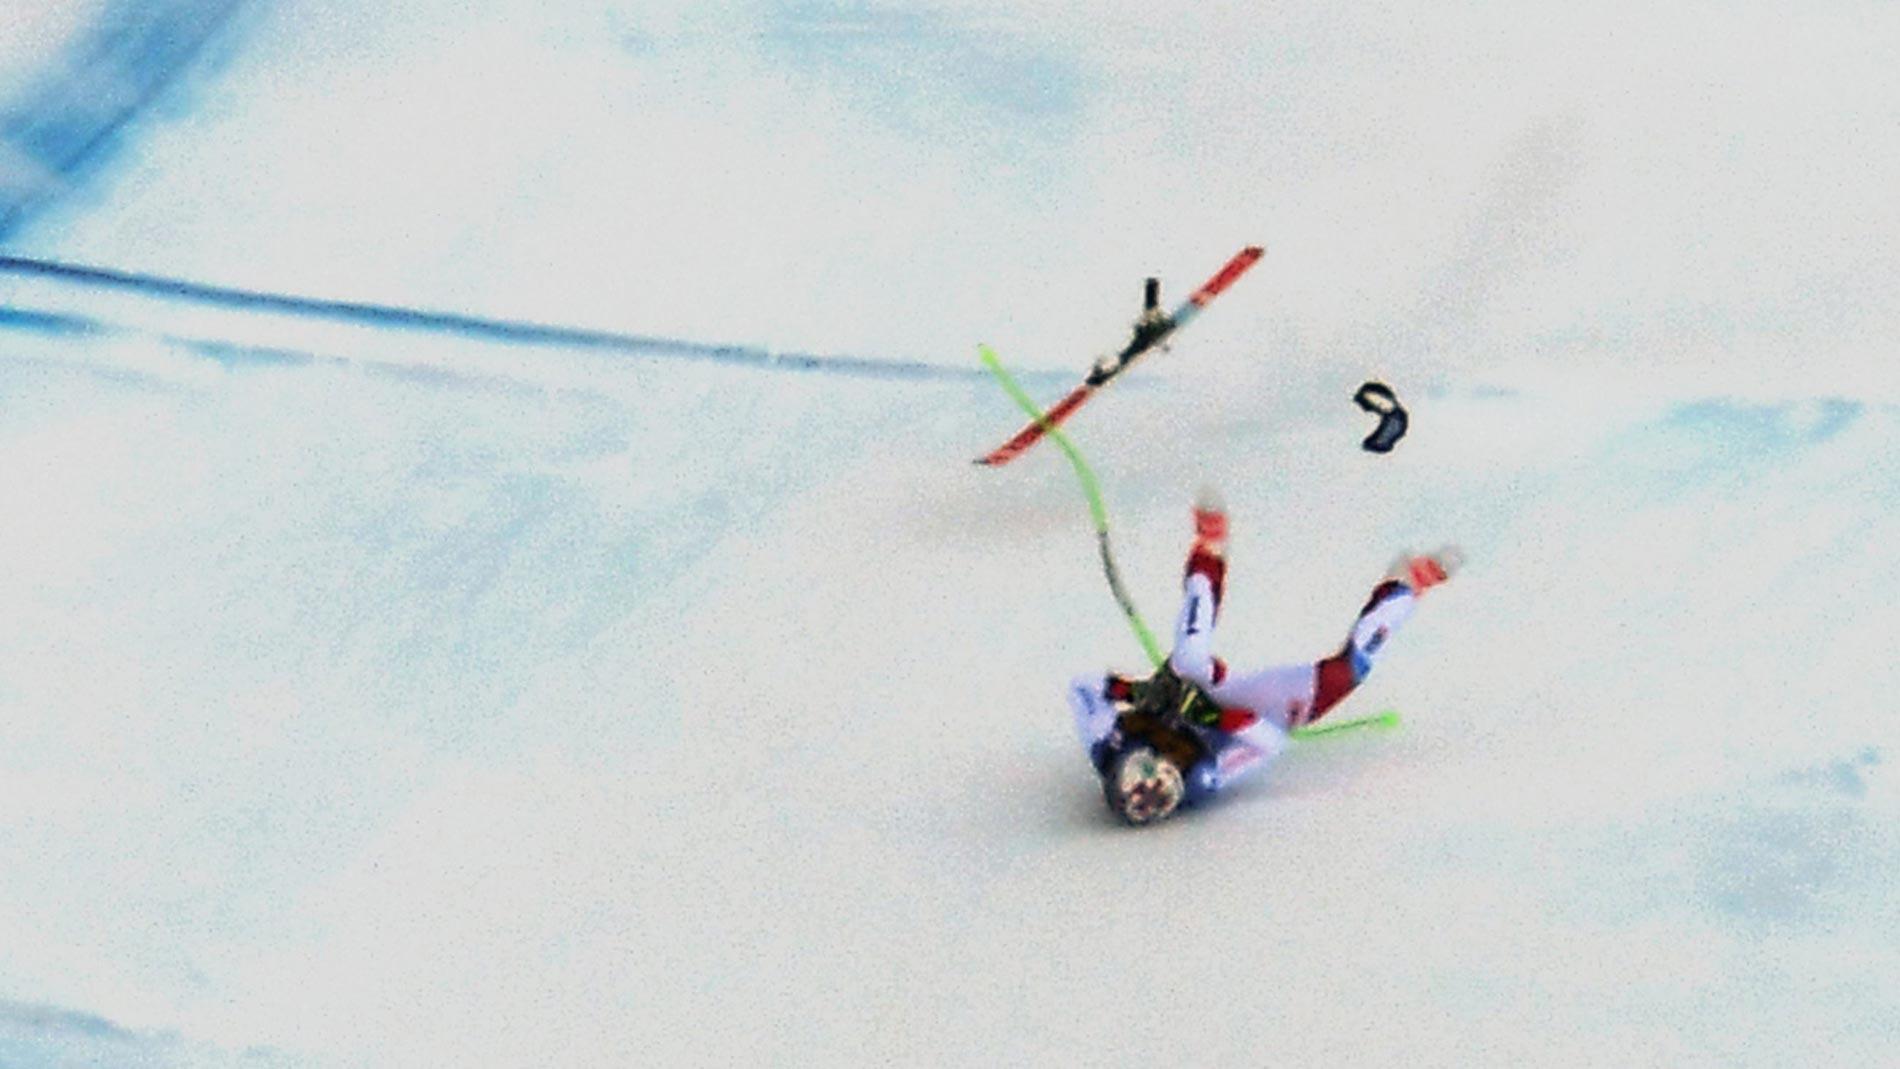 Esquiador sufre impactante caída y es evacuado en helicóptero